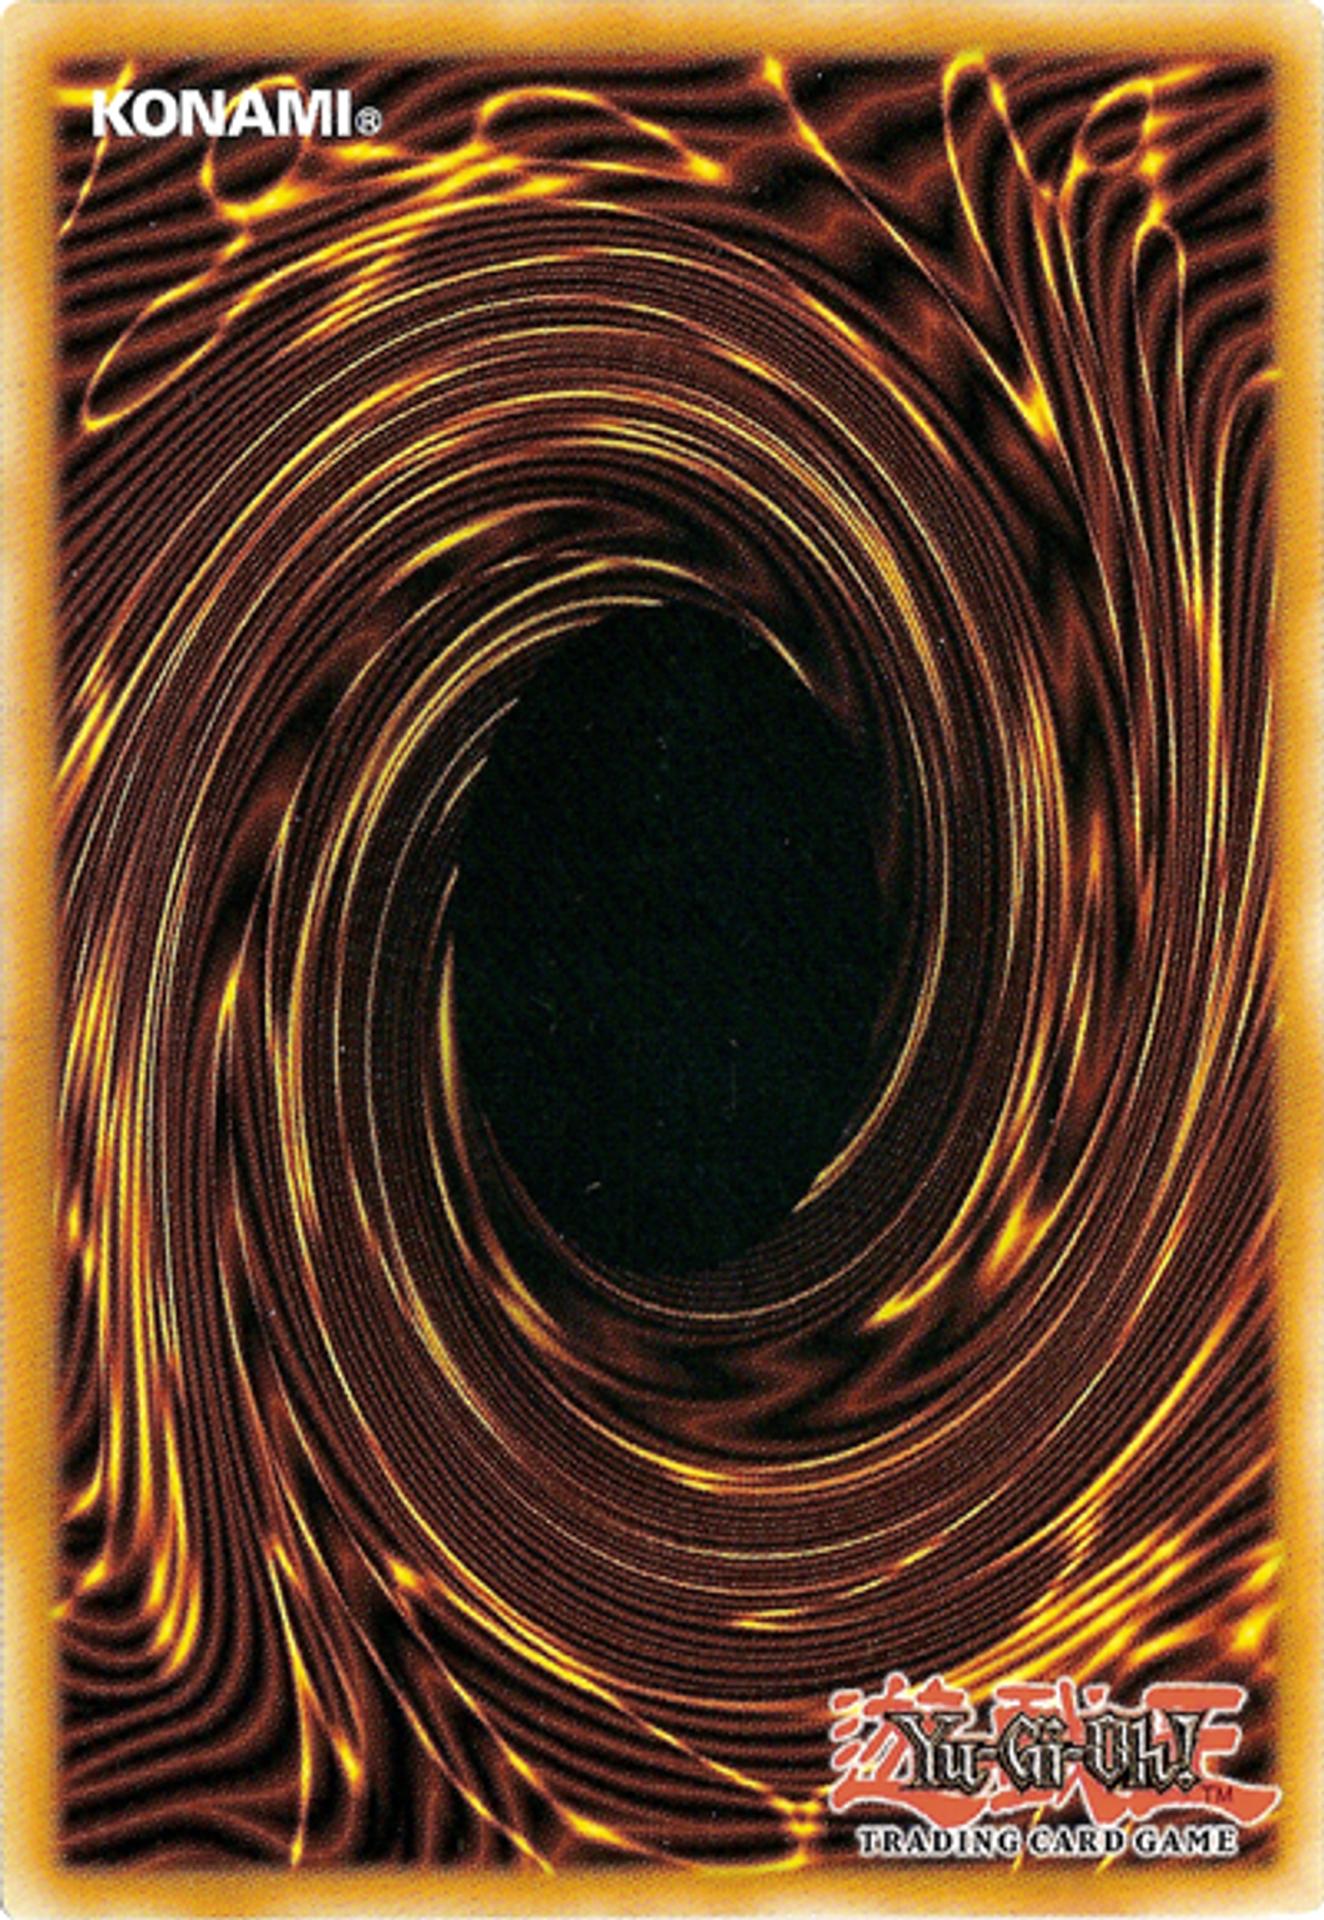 Yugioh TCG Card back